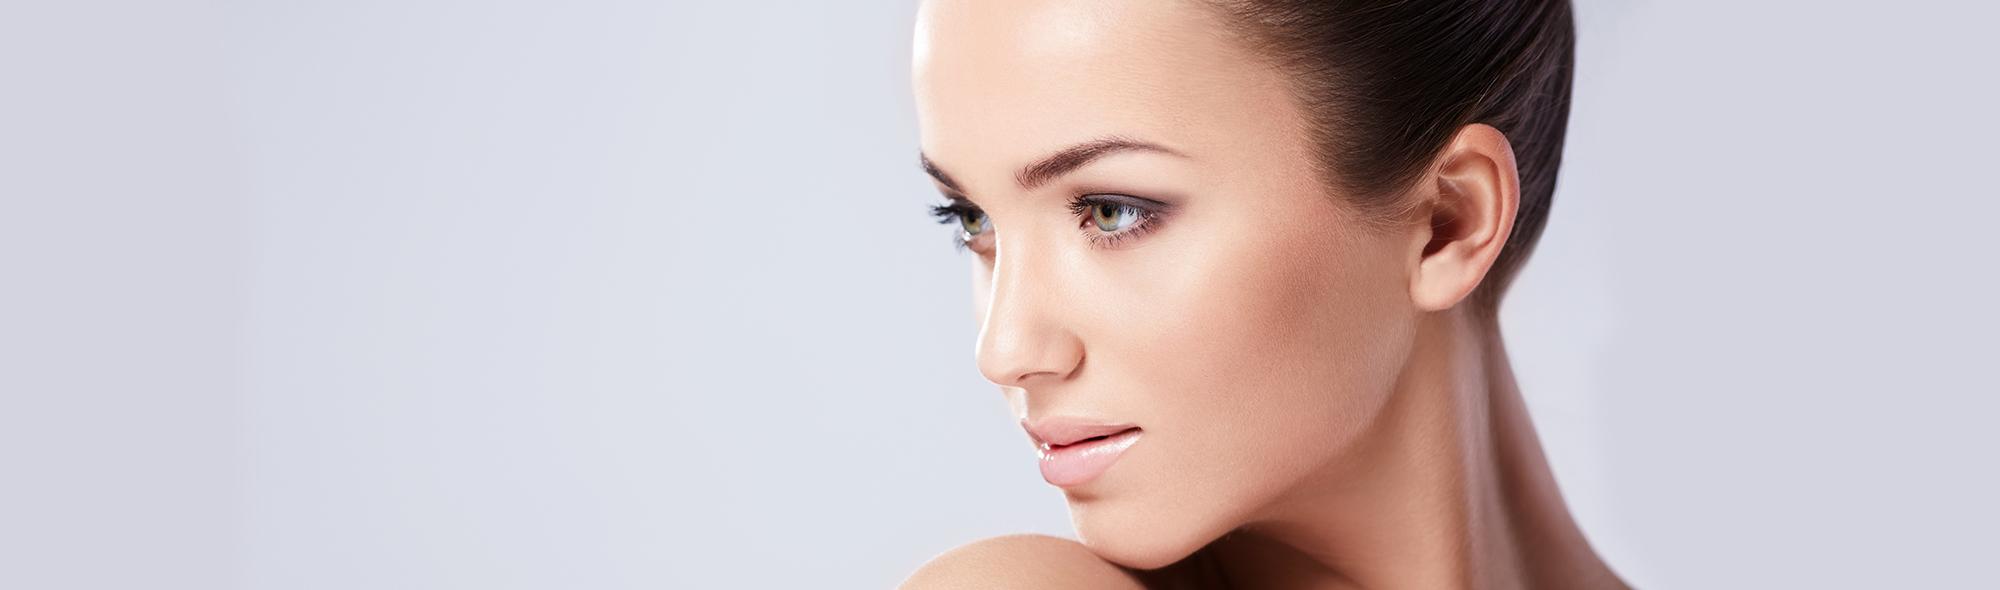 Skin and laser bg